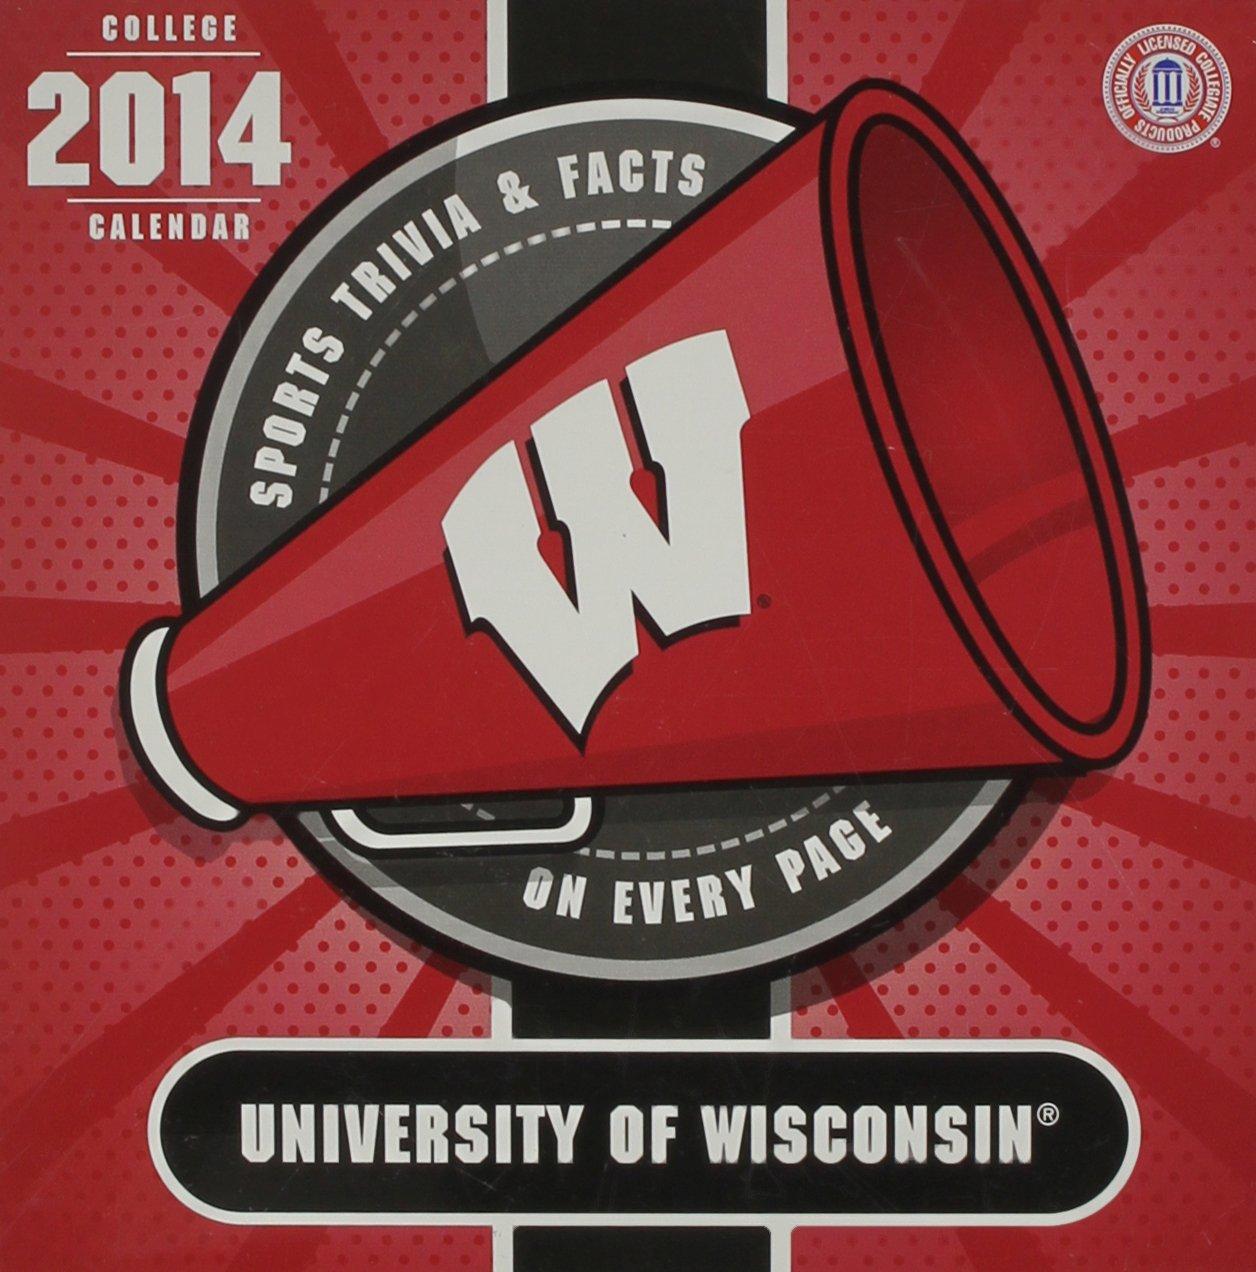 Wisconsin Badgers 2014 Calendar ebook